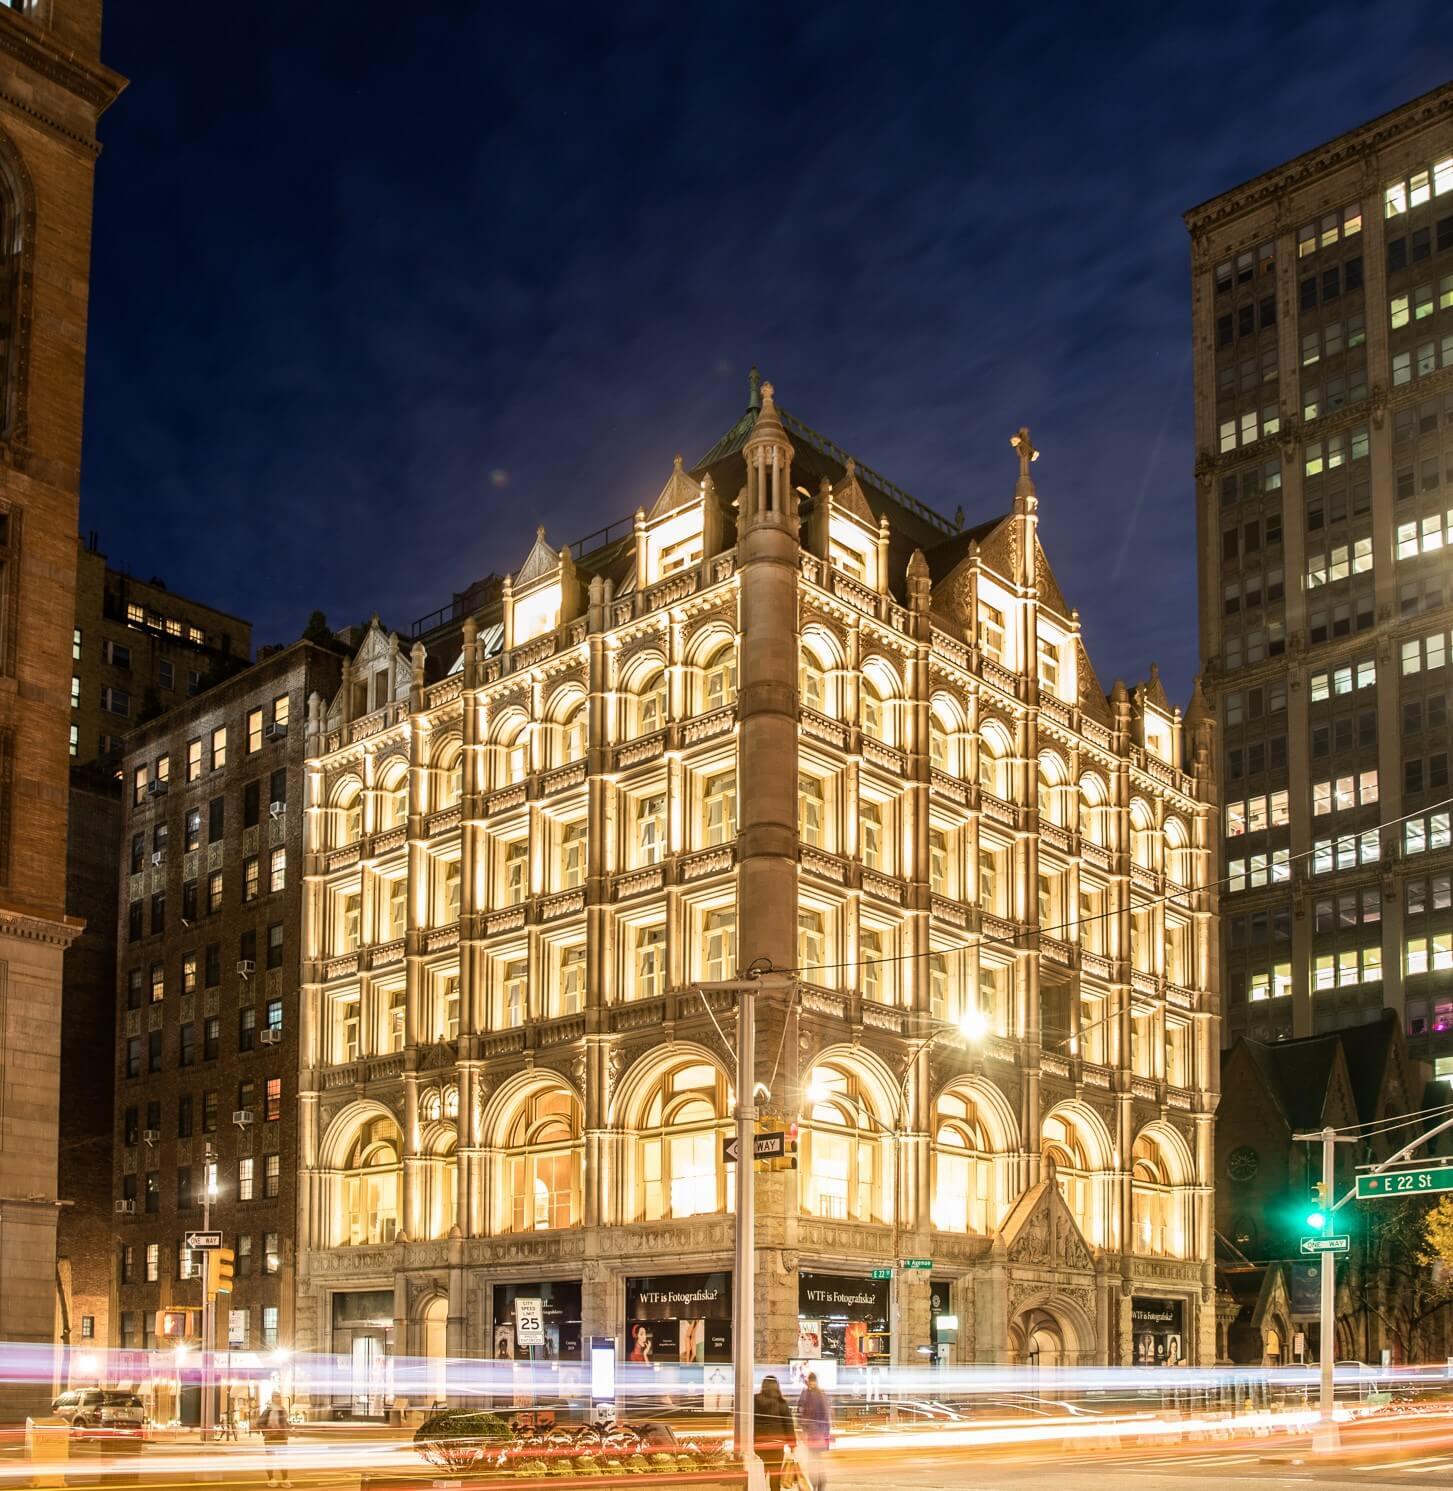 Fotografiska a New York